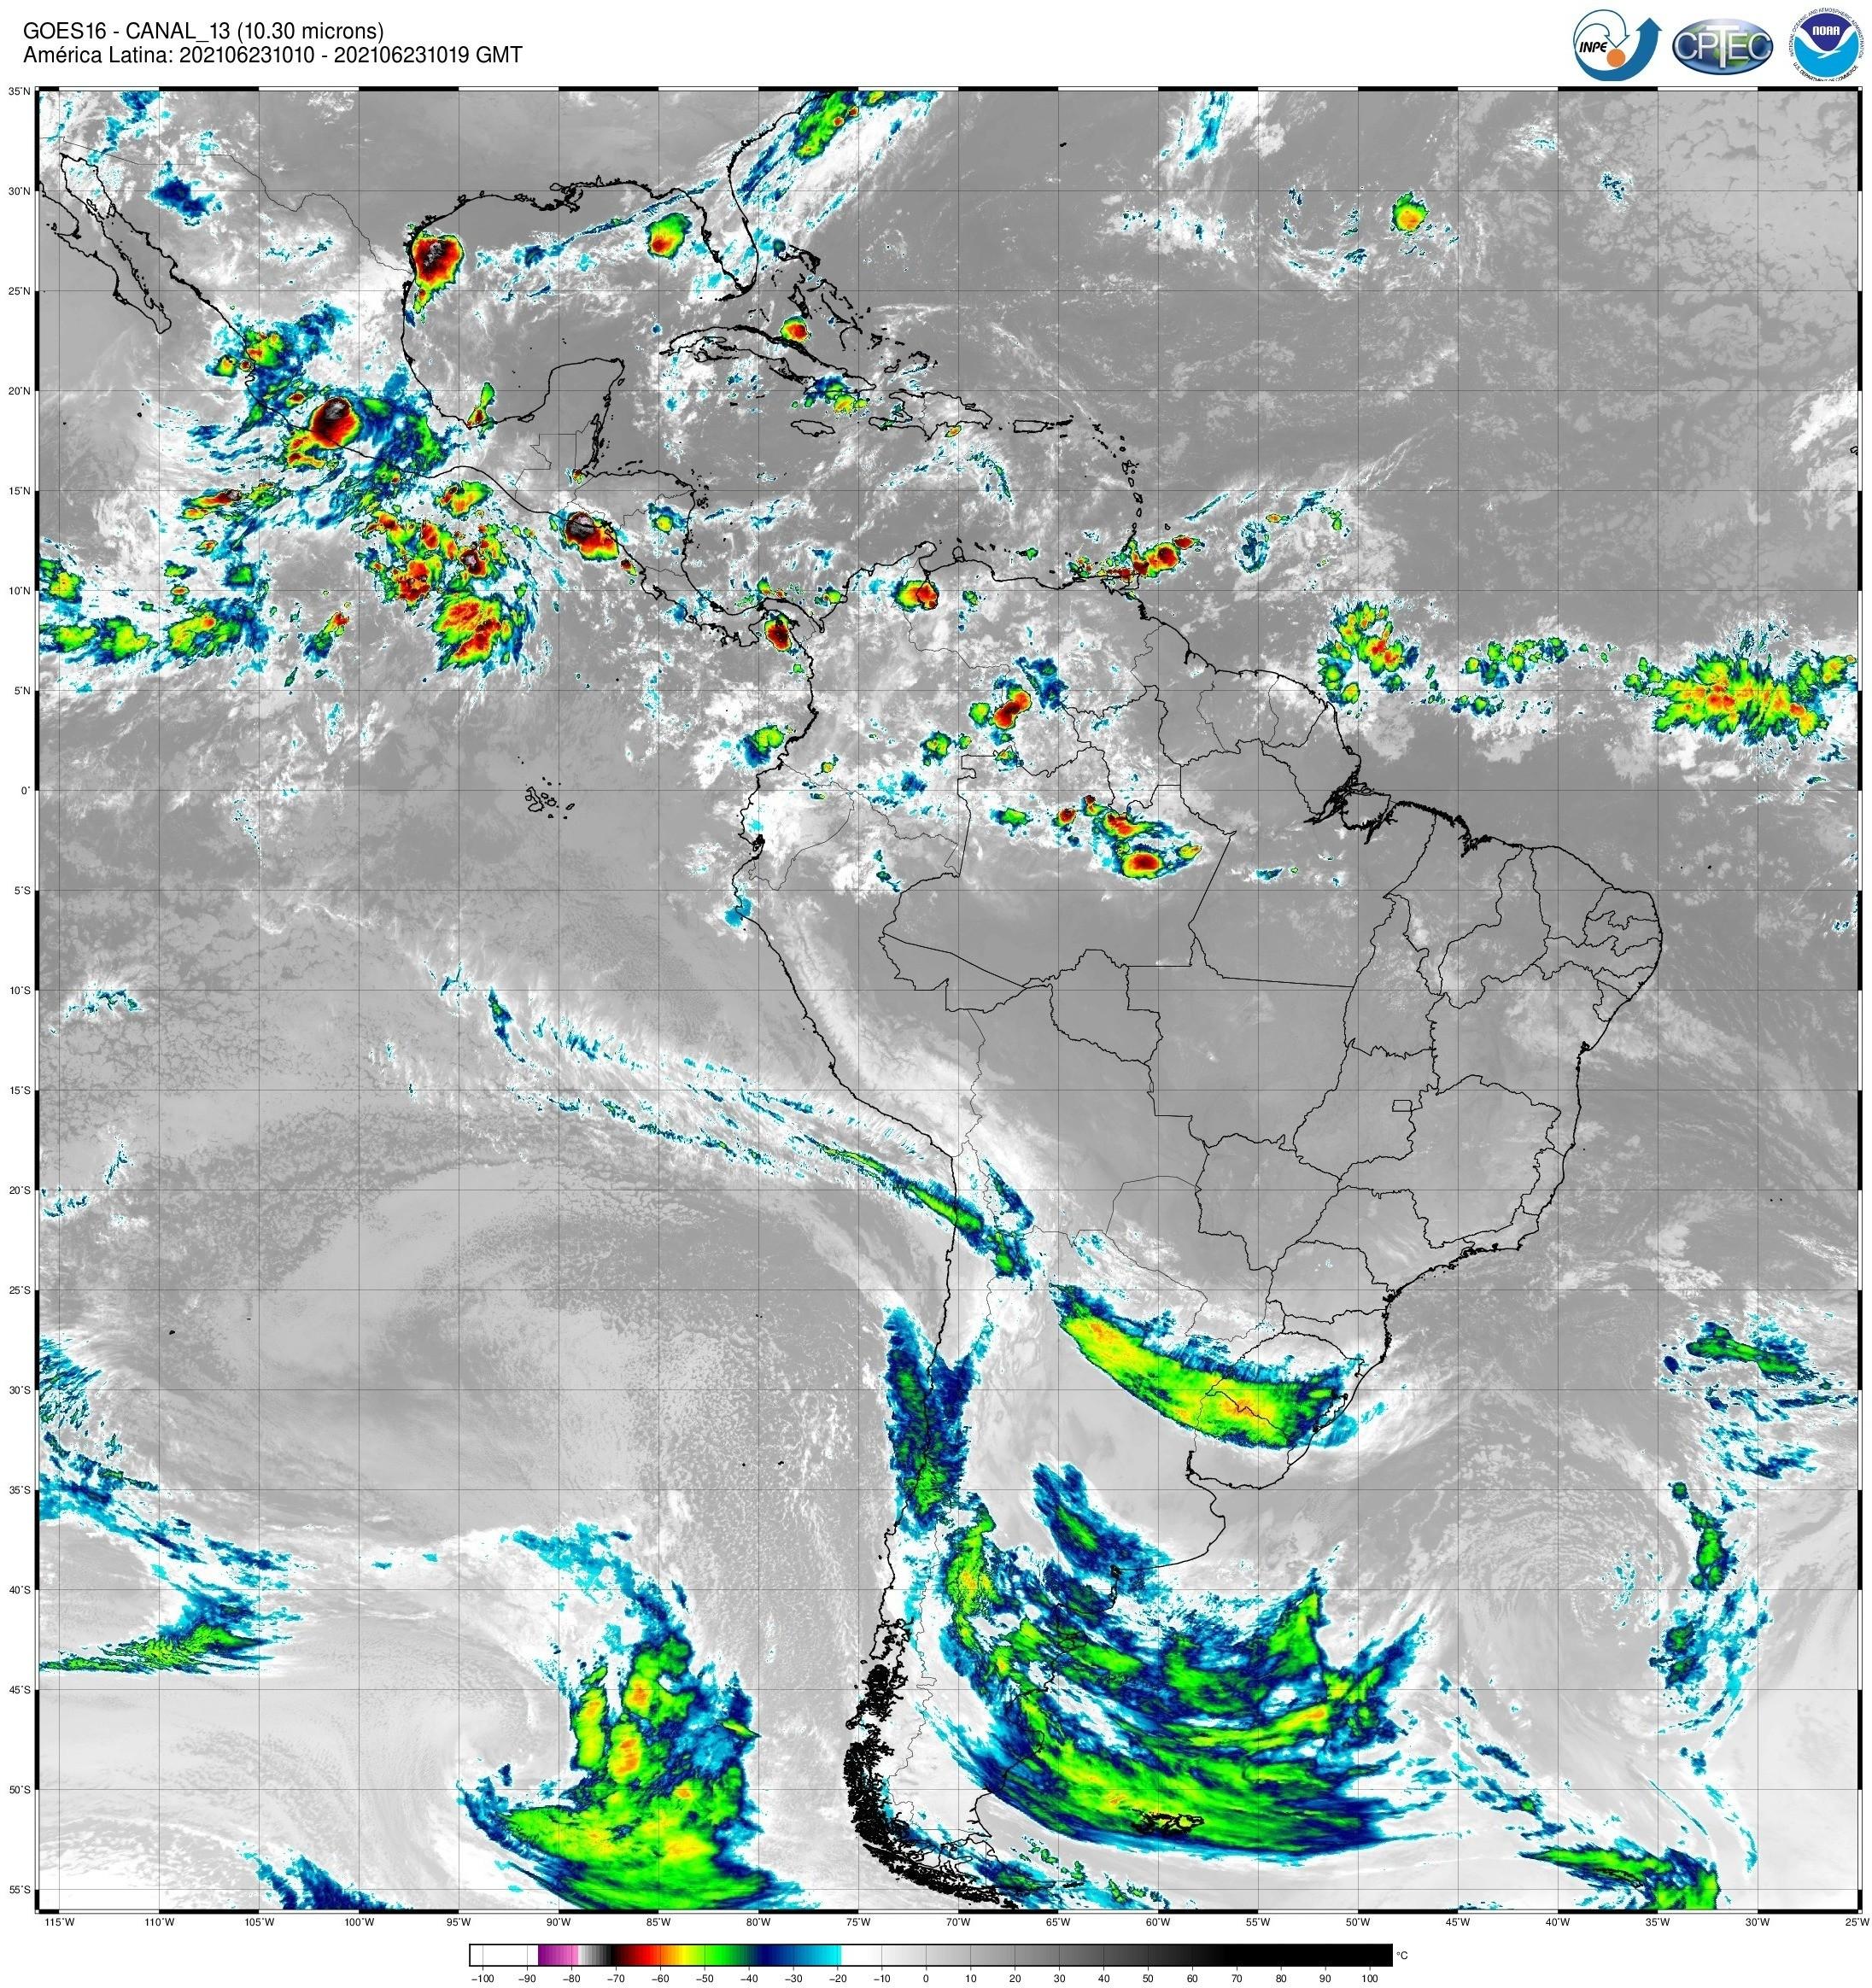 Ciclone extratropical em SC pode causar temporais e ventos de até 100 km/h